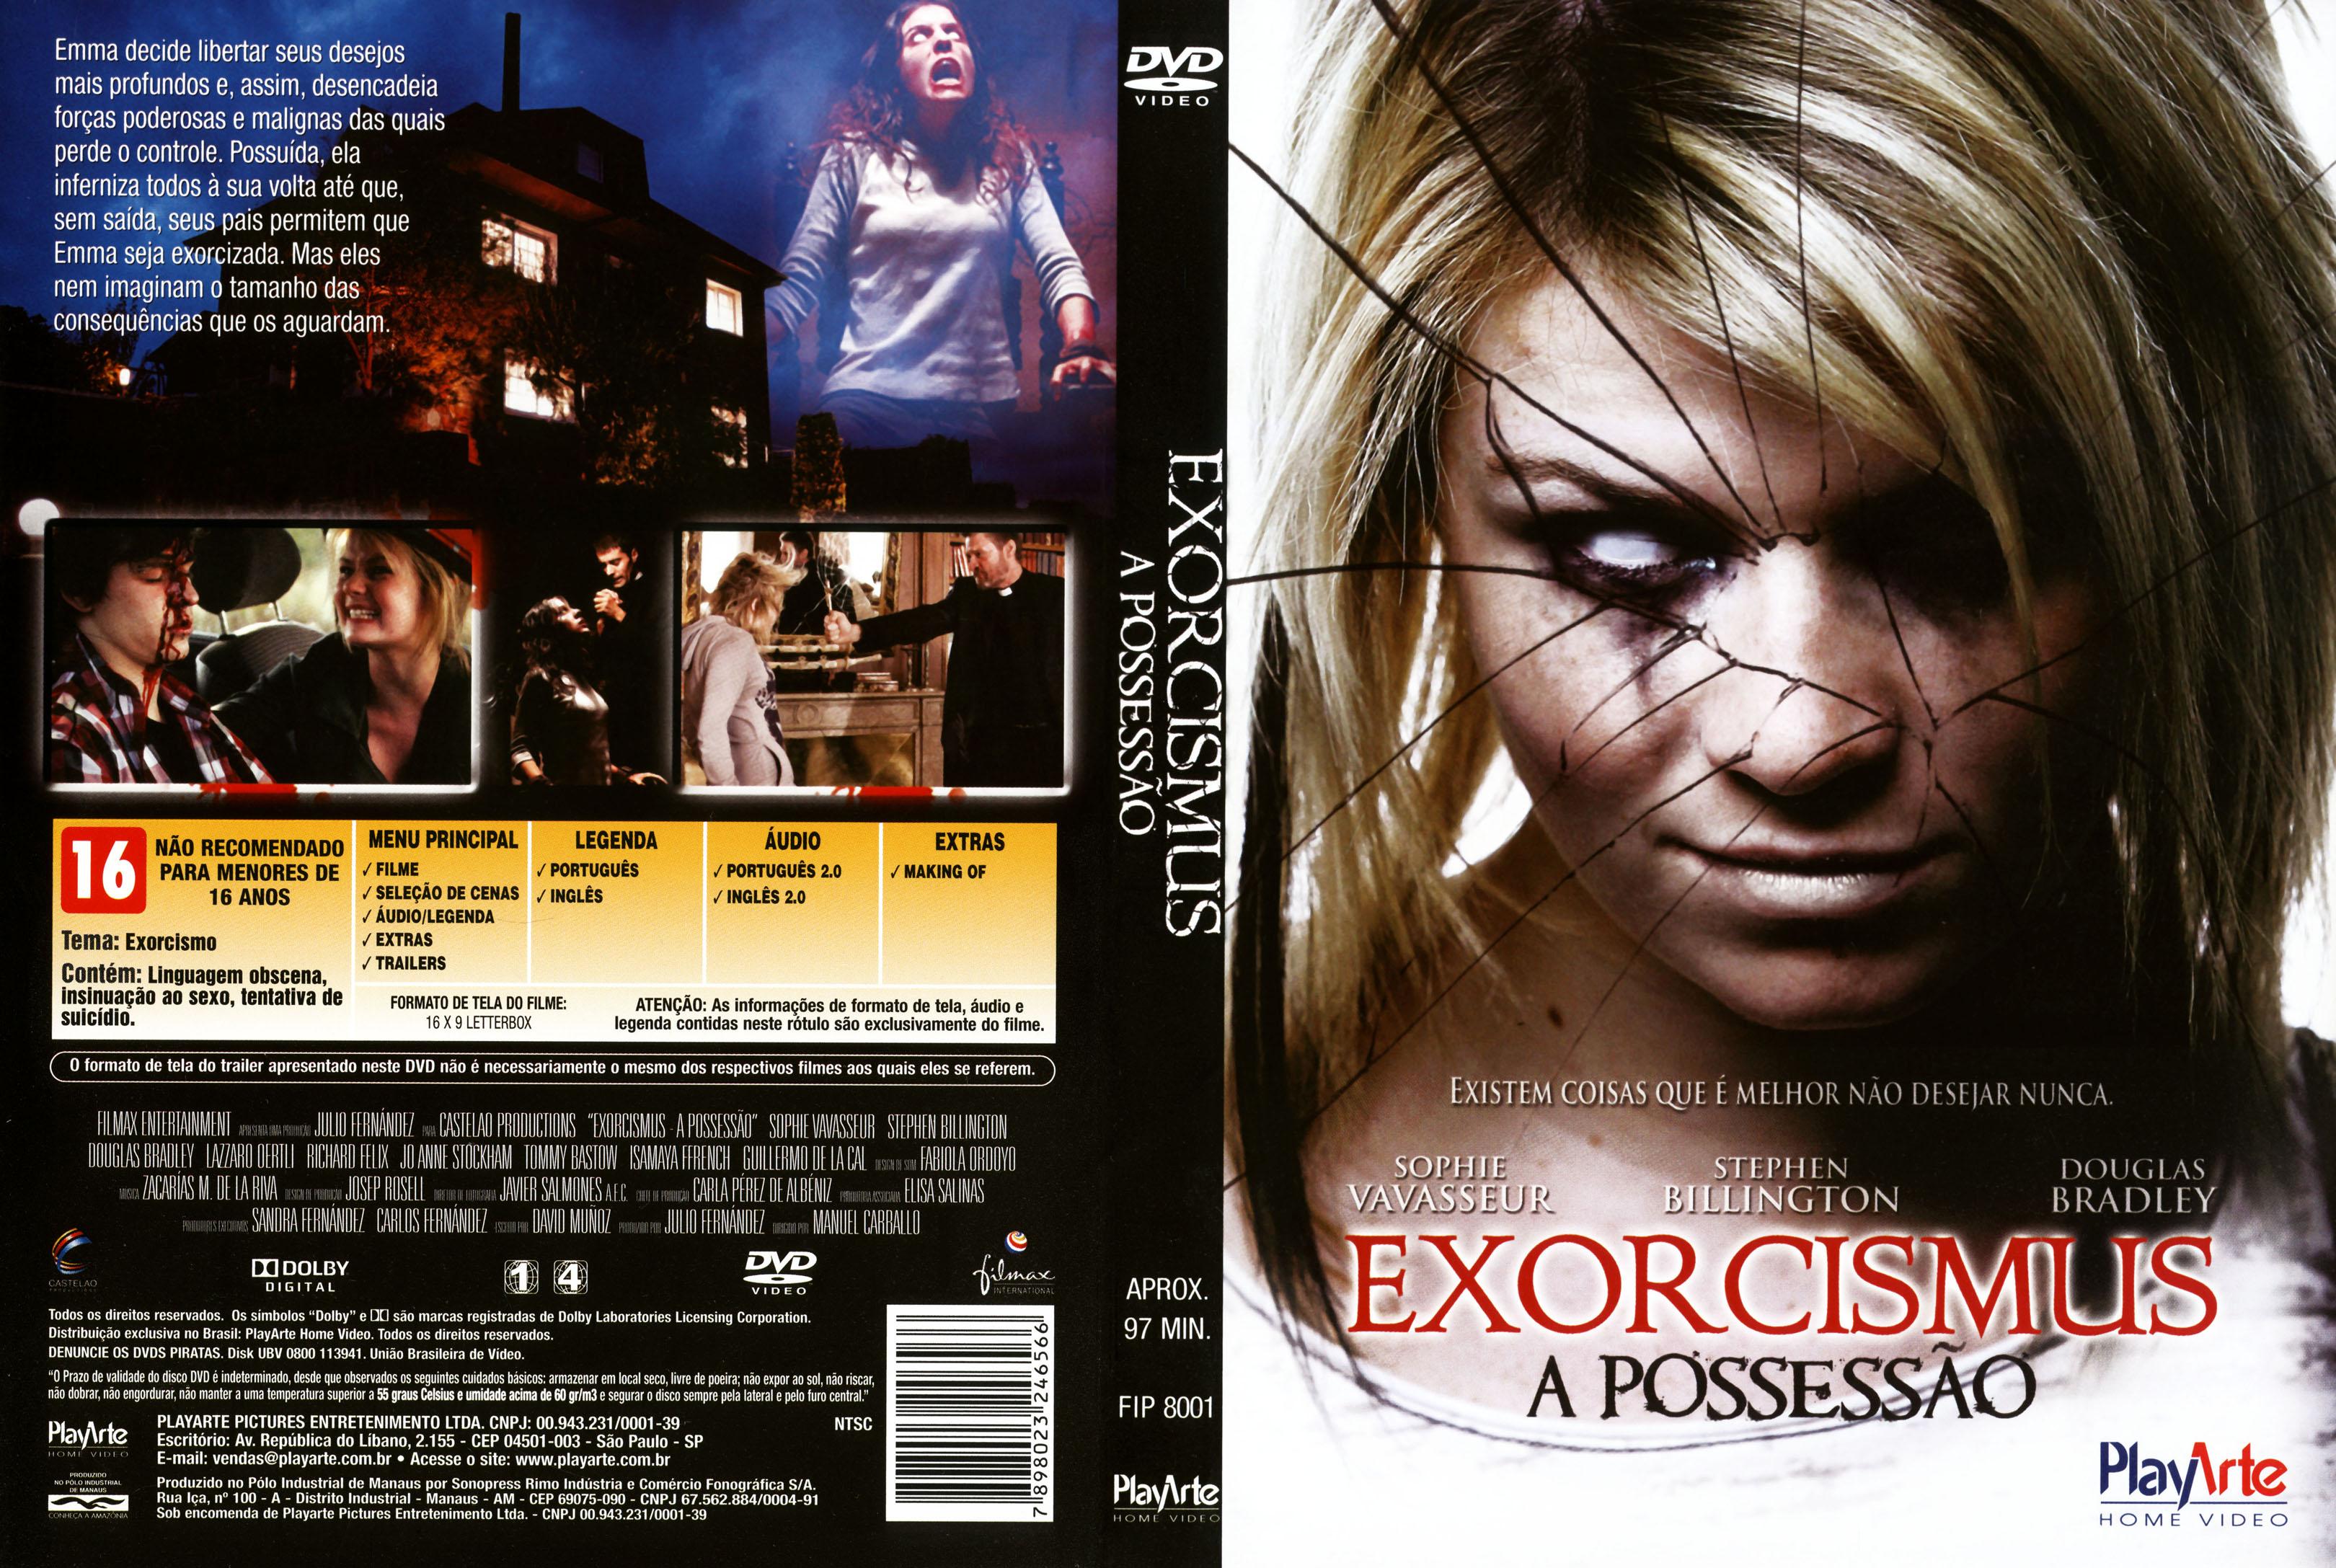 ExorcismusAPossessaoDeEmmaEvans